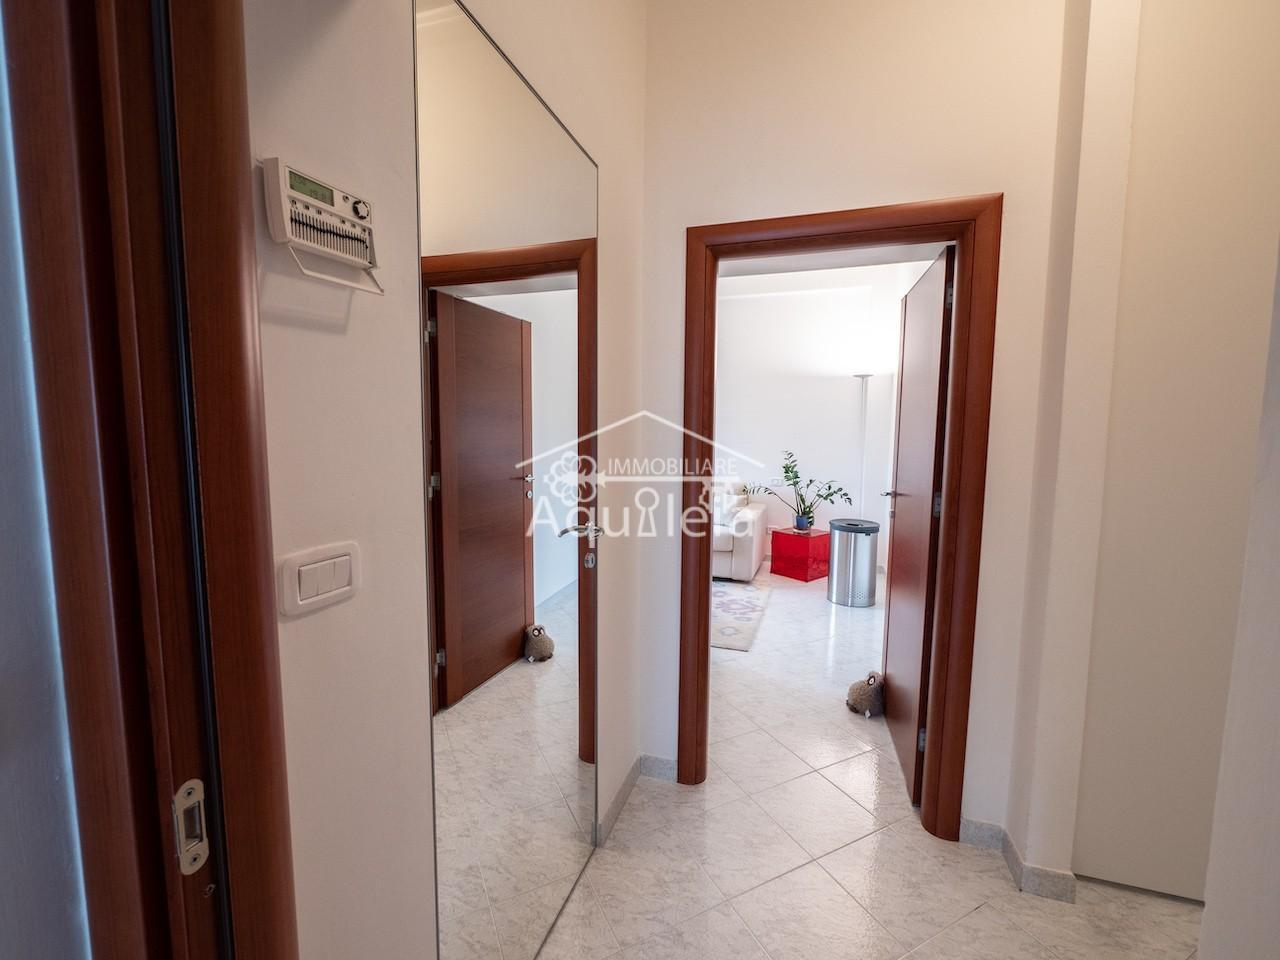 Appartamento in vendita, rif. AQ 1679